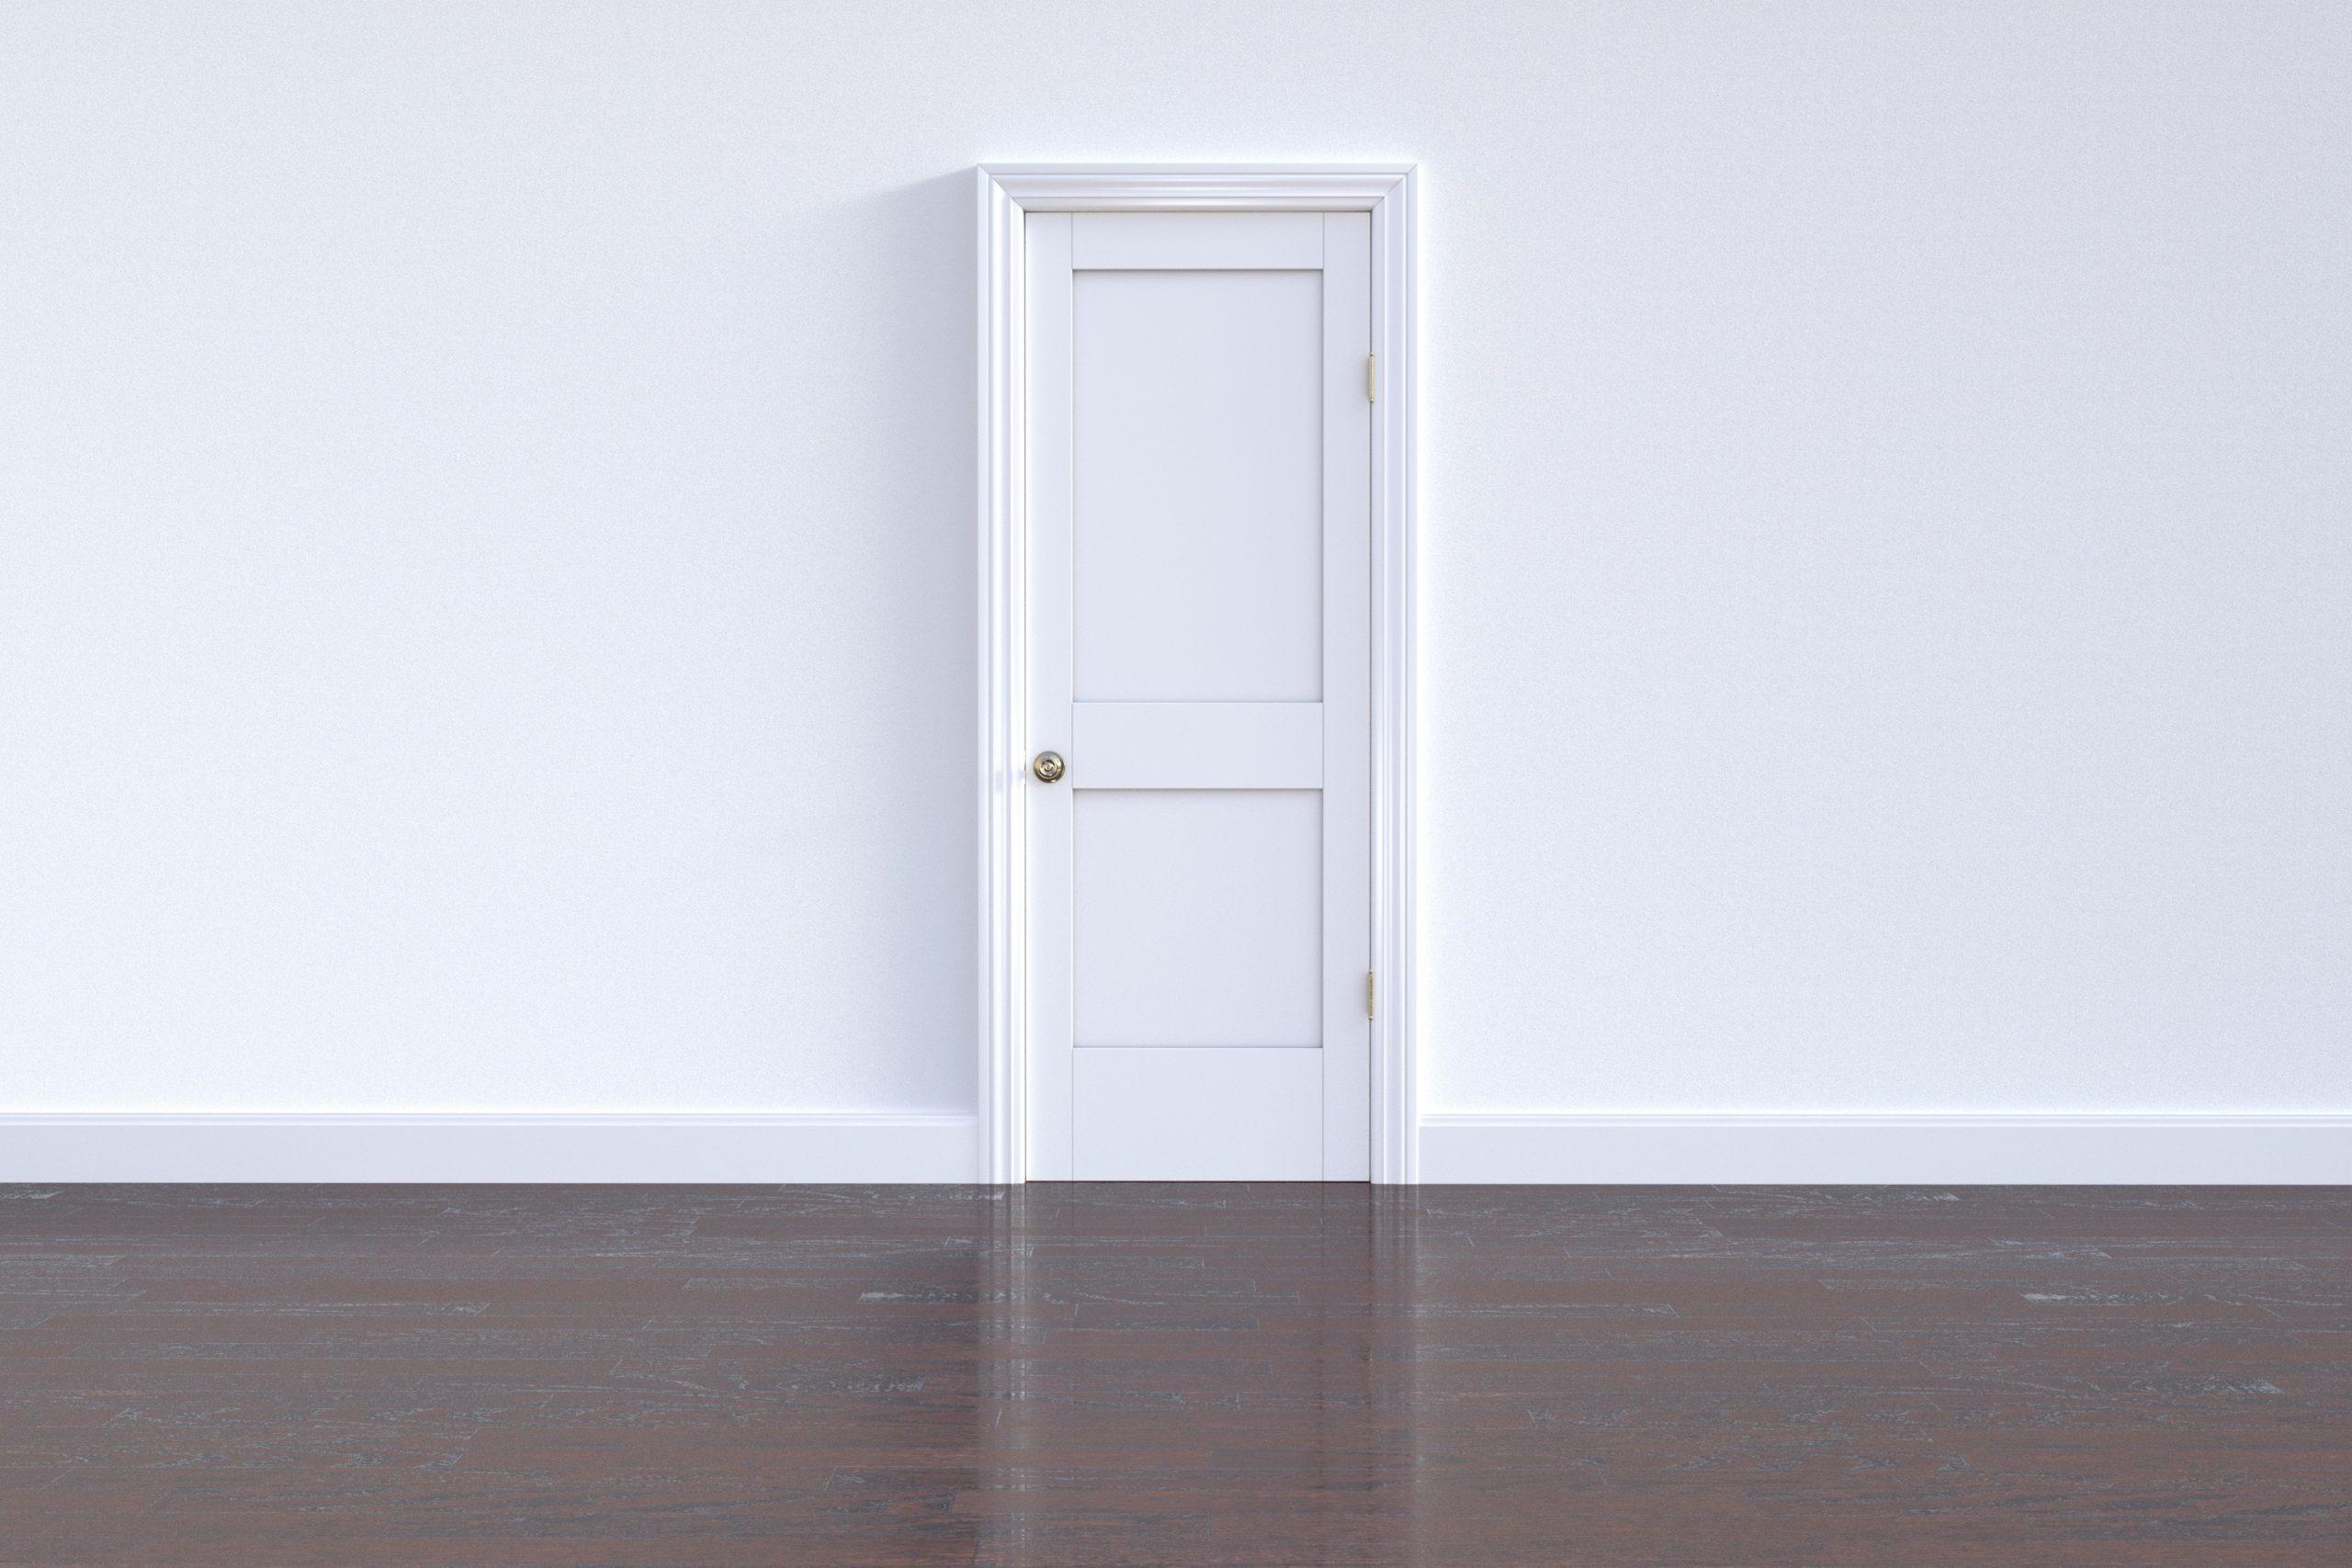 2 Best Ways on How to Reinforce an Interior Door